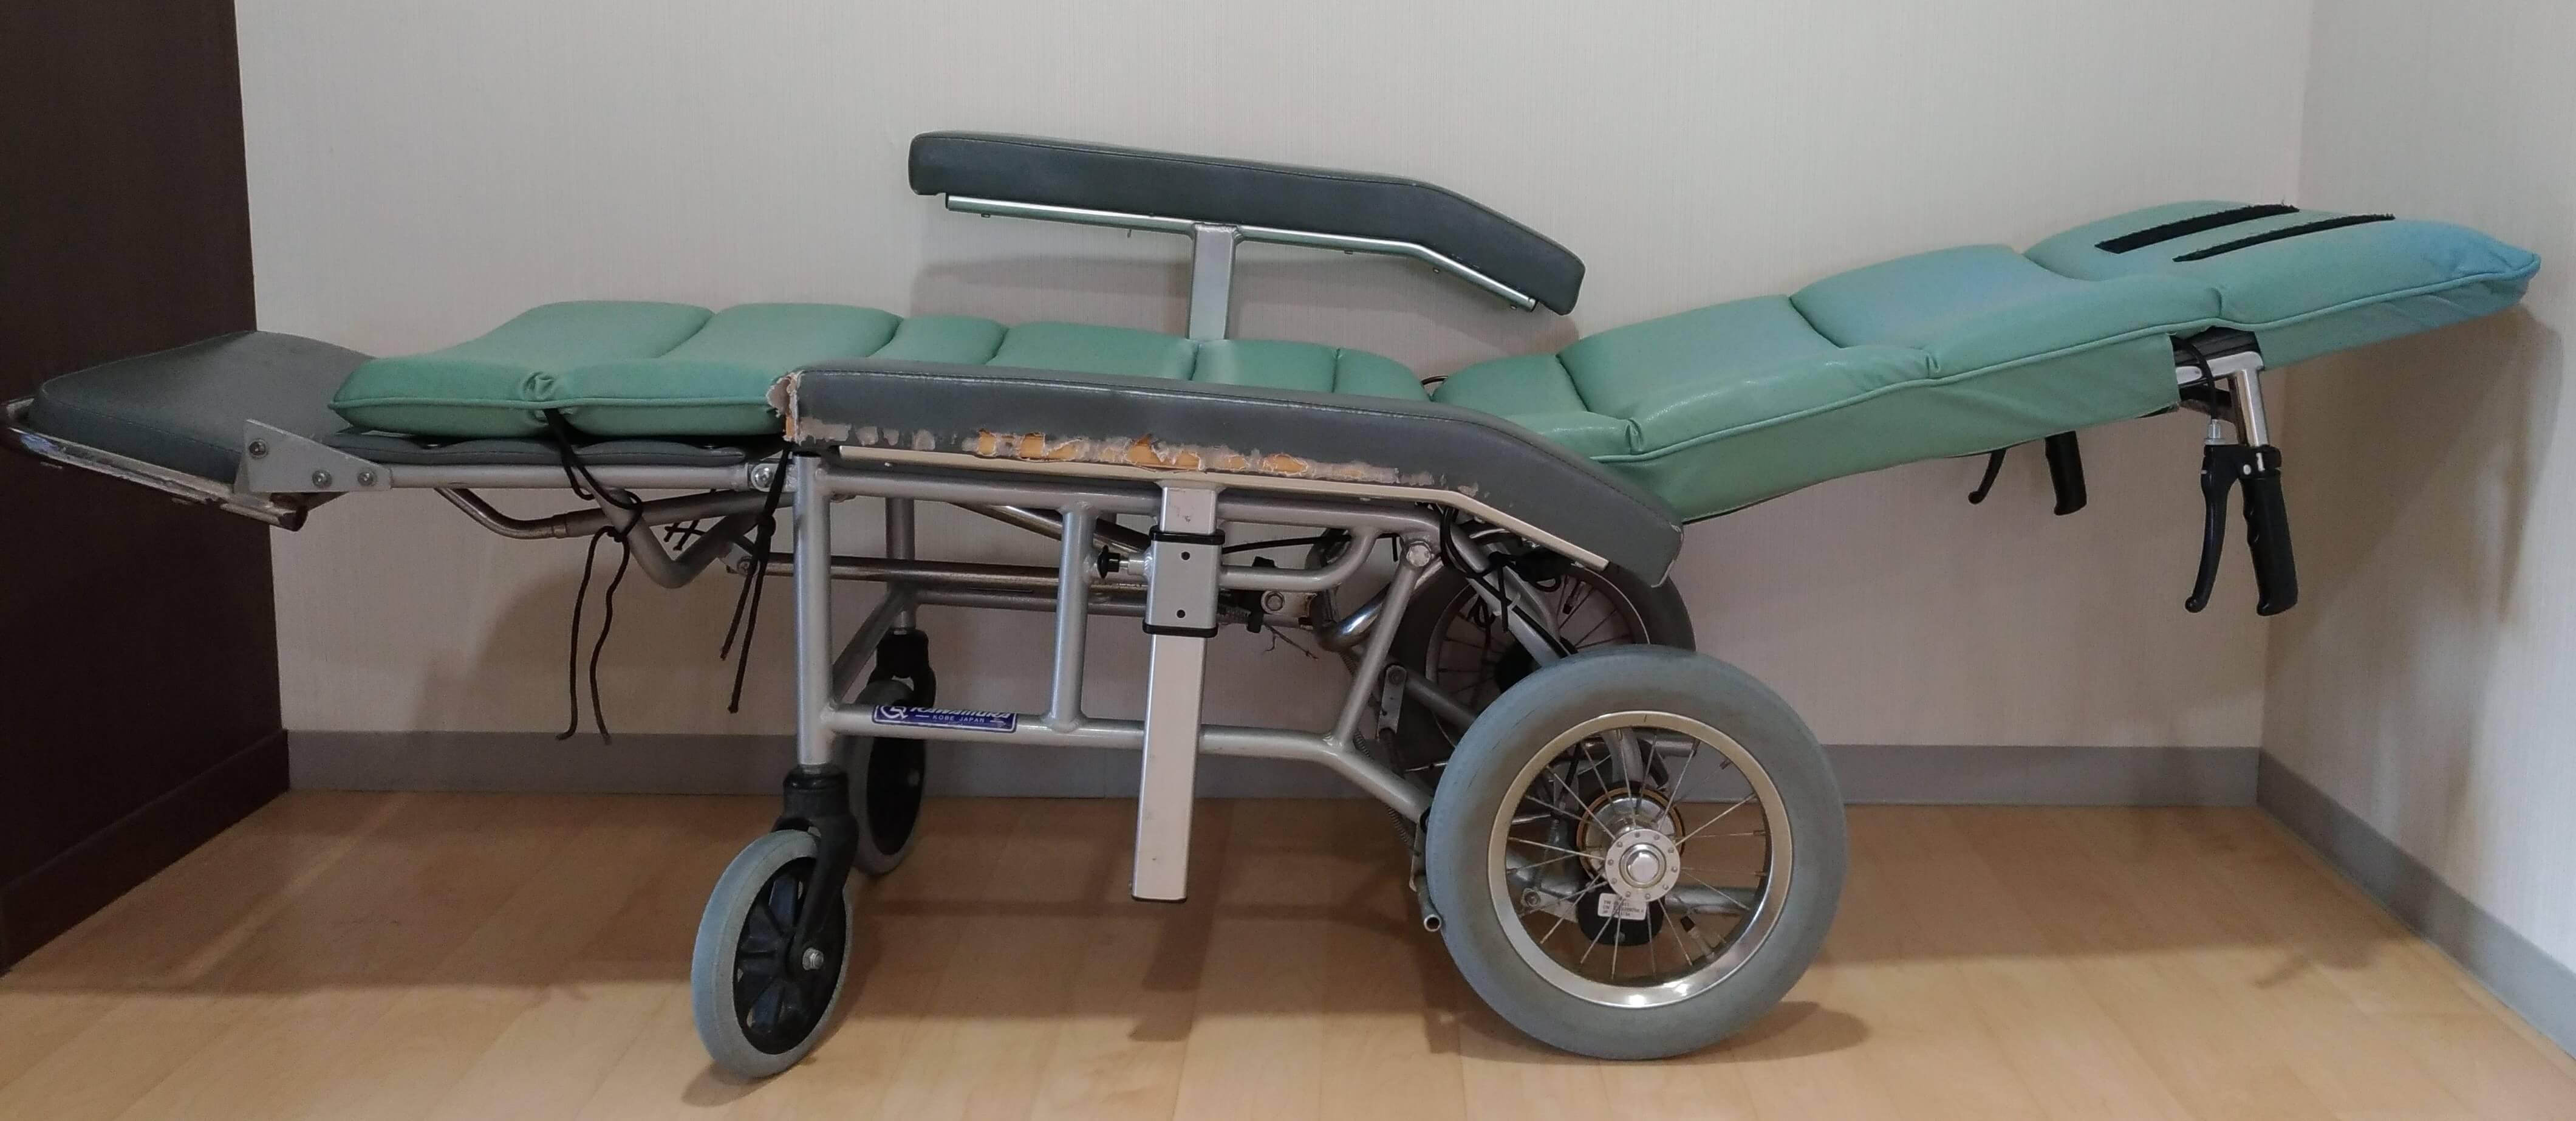 リクライニング型車椅子 リクライニング 機構